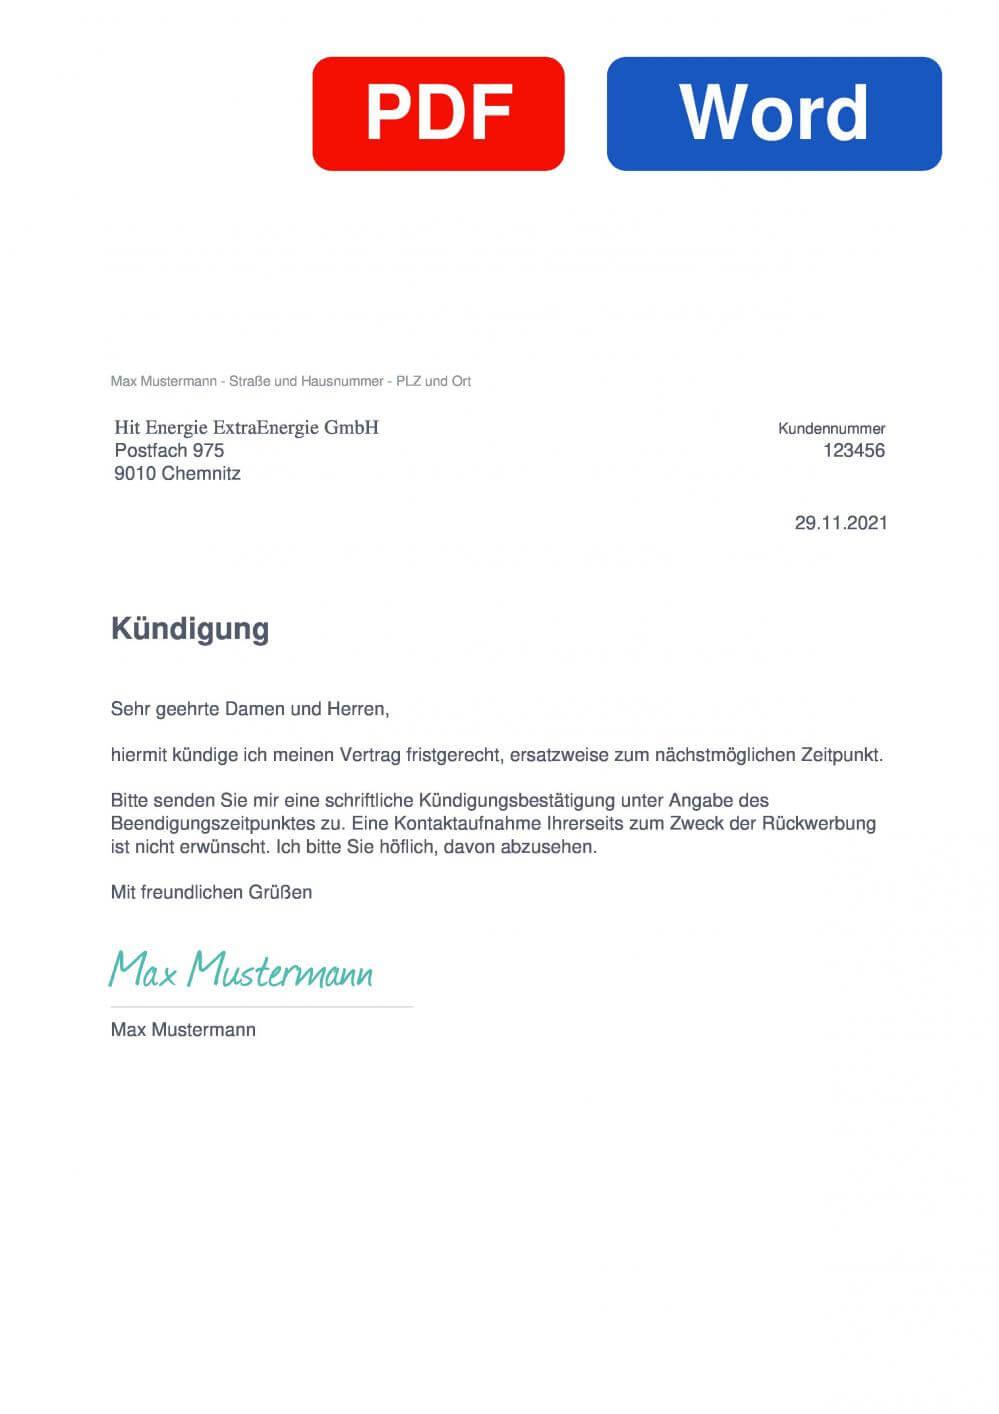 HitStrom Muster Vorlage für Kündigungsschreiben